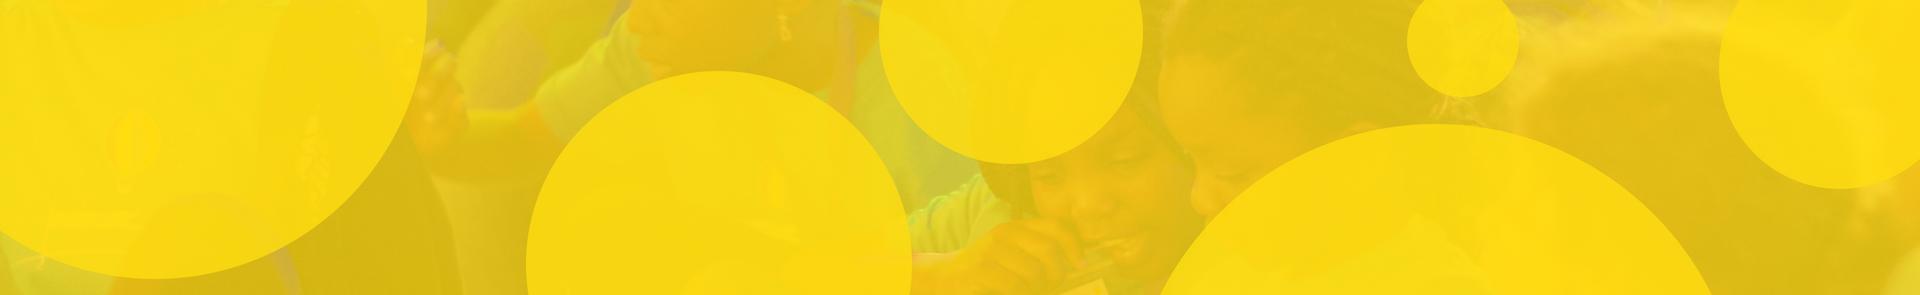 12 mai 2018 : L'ENVOL soutient la journée internationale des infirmiers / infirmières